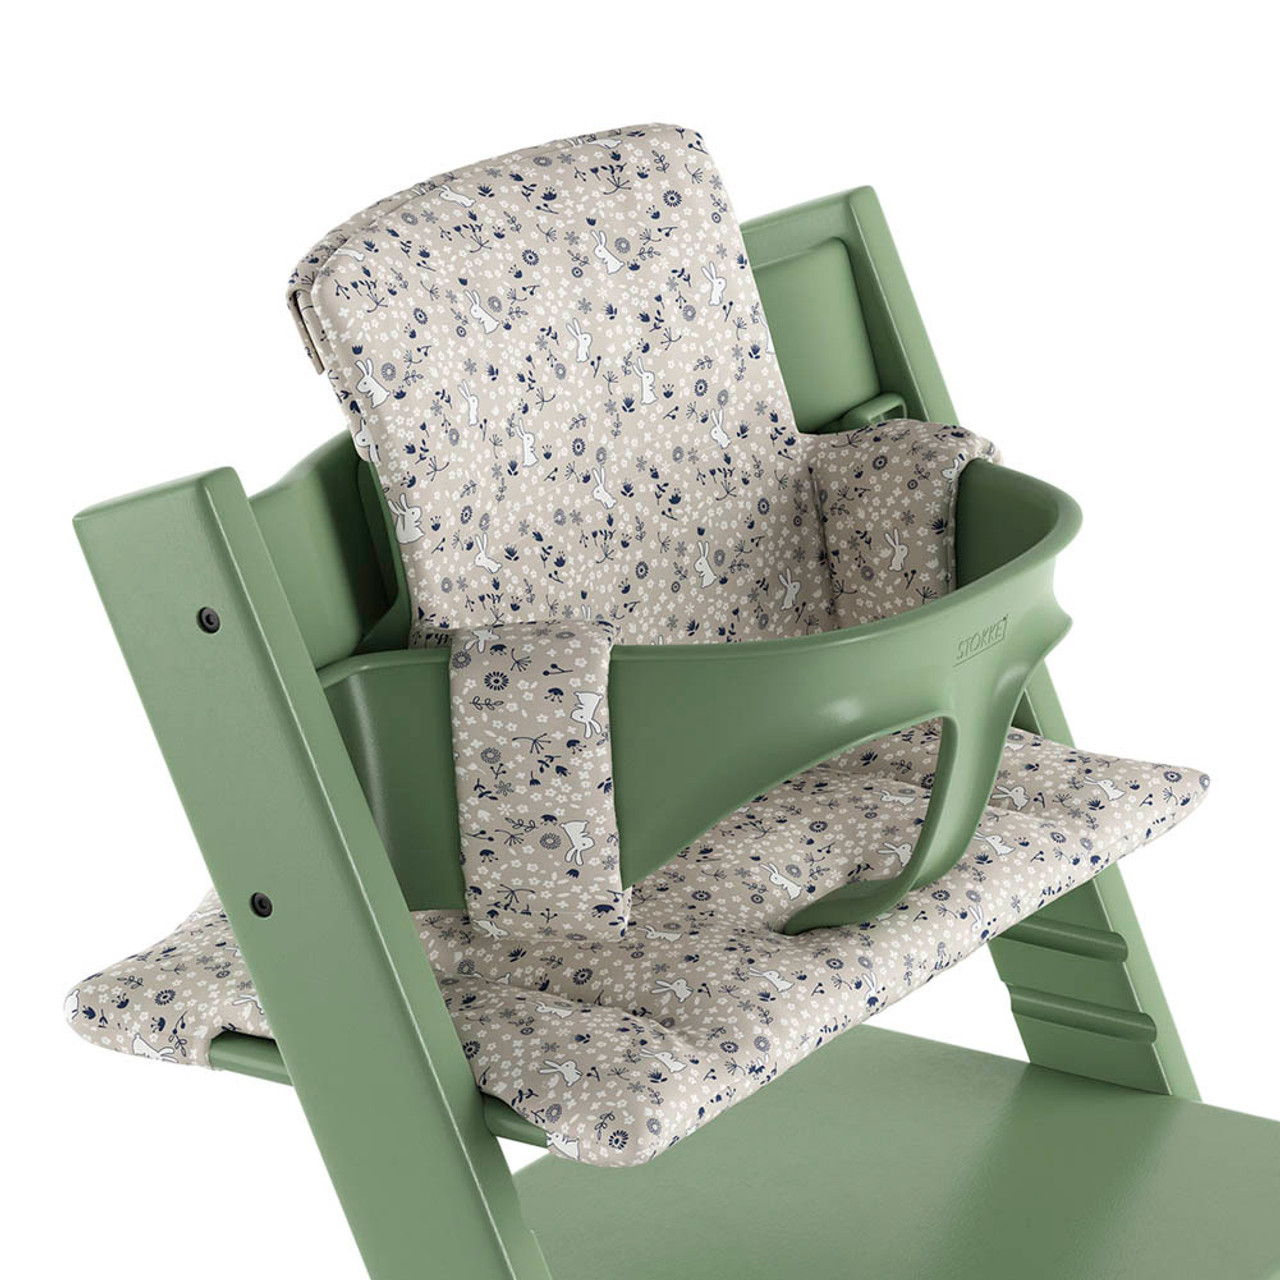 8b847e689cd Stokke Tripp Trapp Organic Cotton Cushion - Garden Bunny - Dear-Born ...